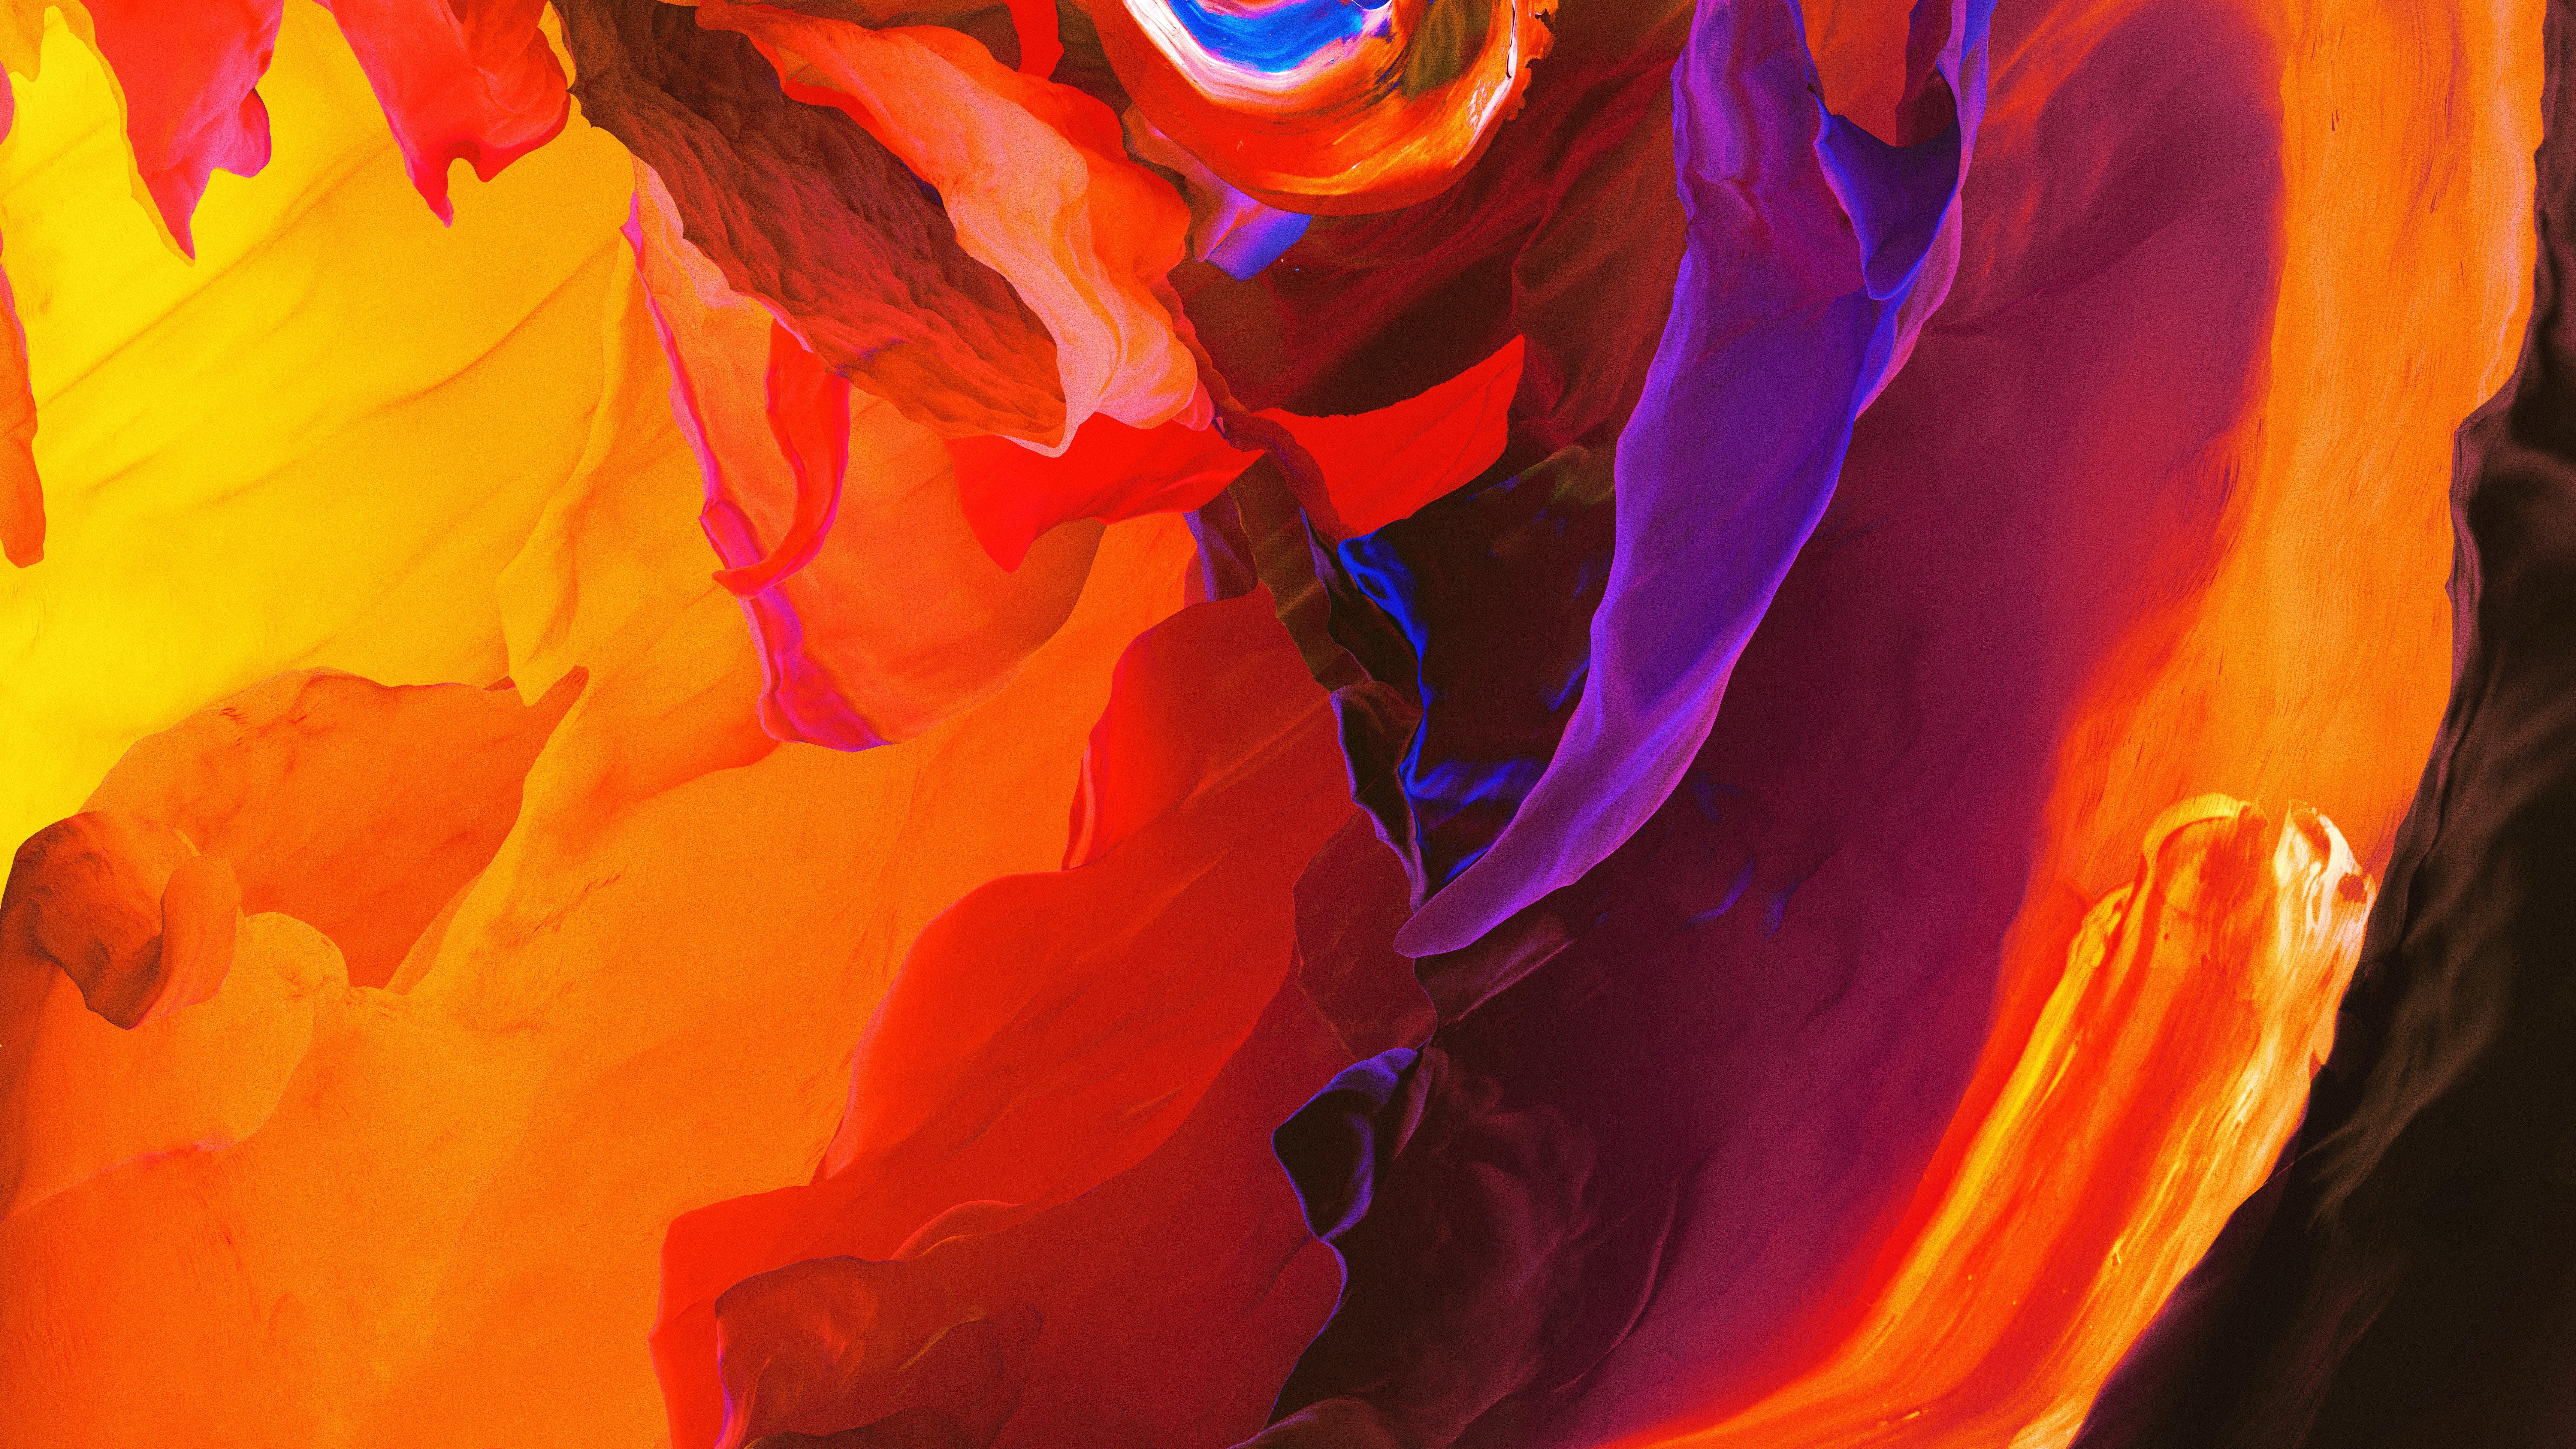 Fondos de pantalla Pinturas en figuras coloridas y abstractas